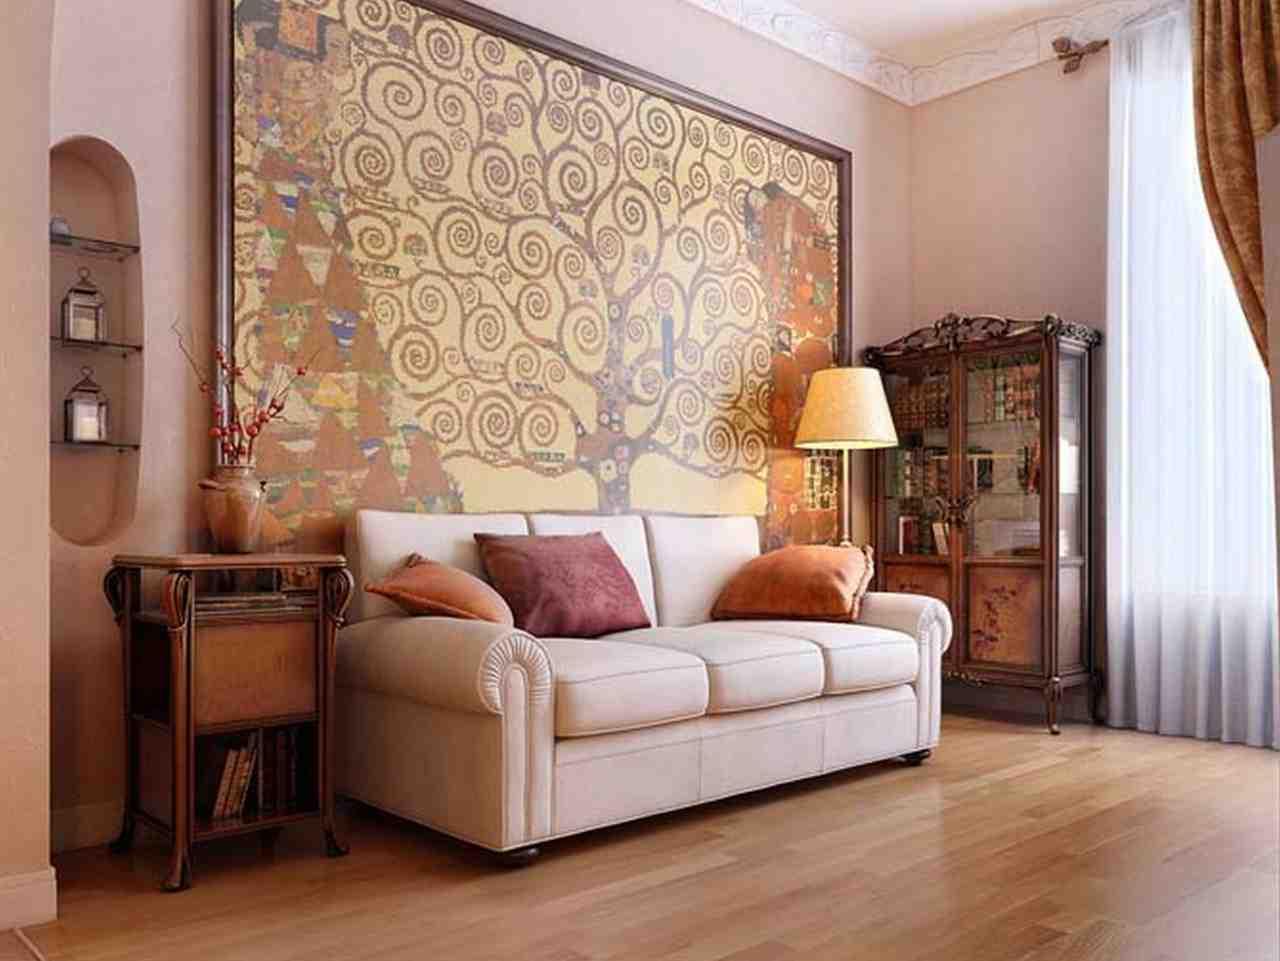 Large Wall Decor Ideas for Living Room  Decor IdeasDecor Ideas